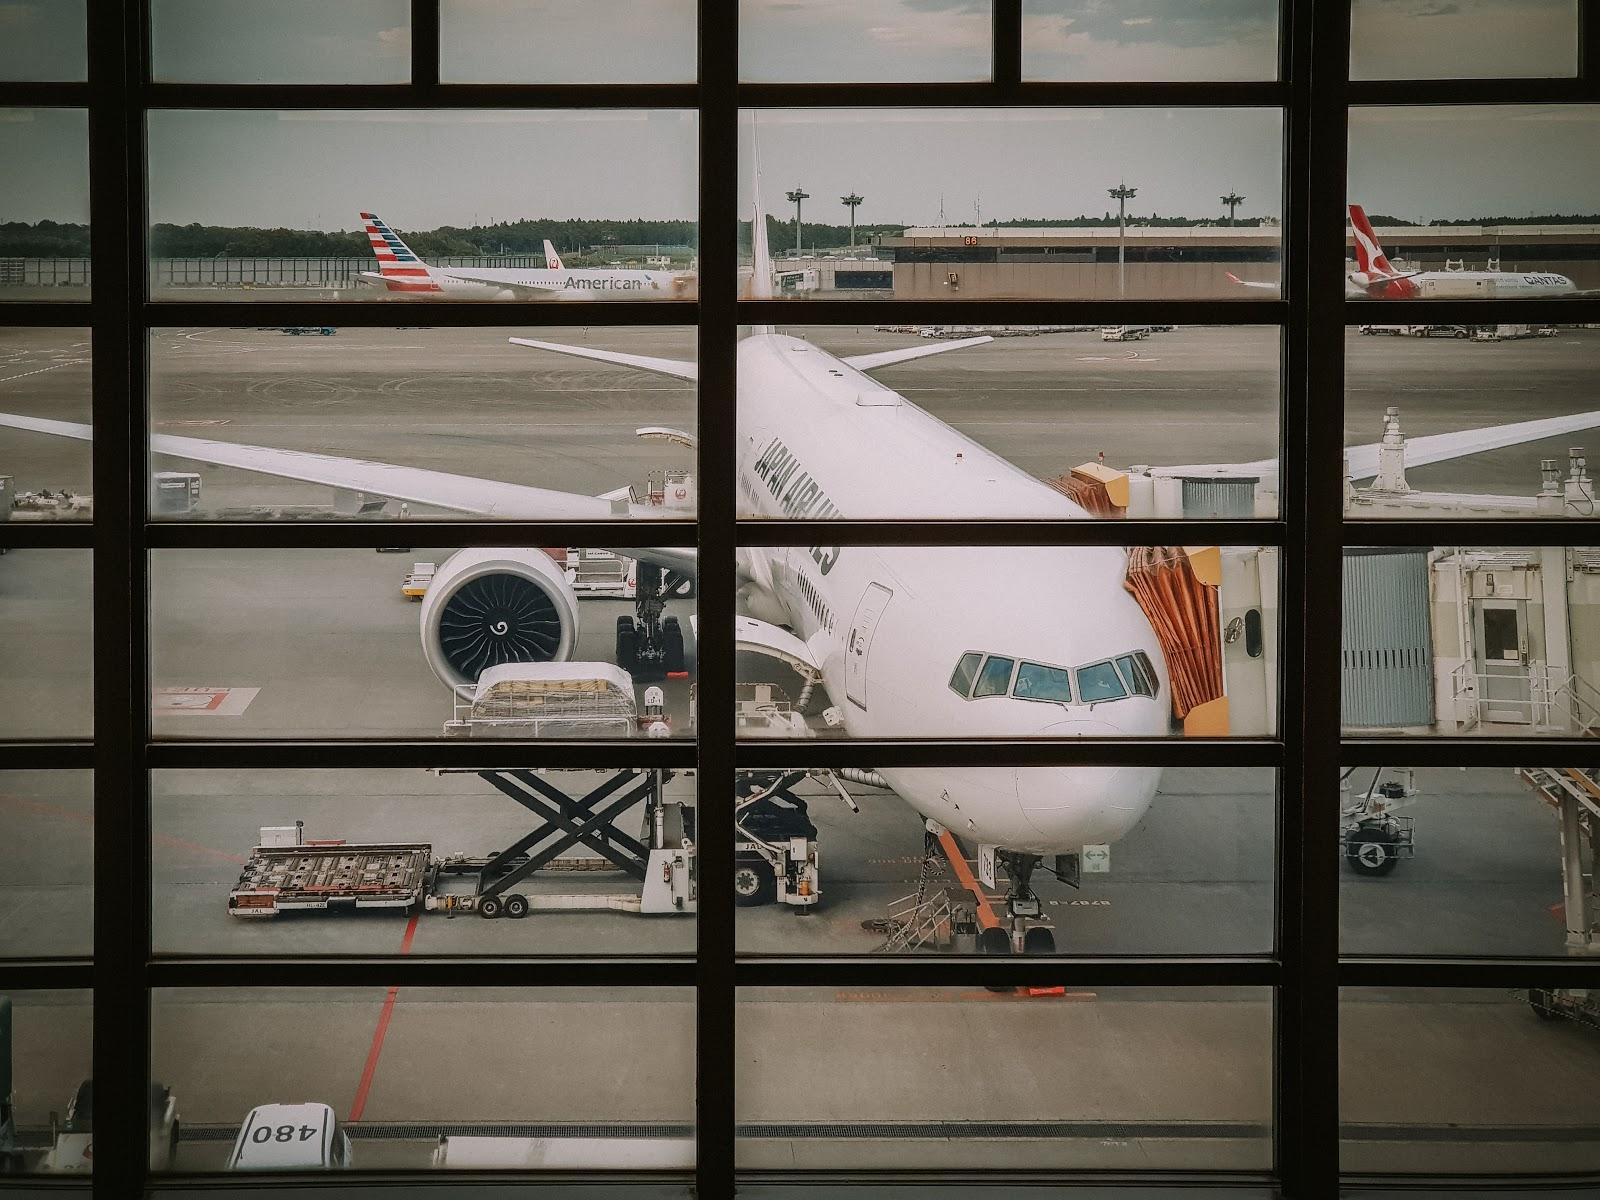 飛紐約的日航頭等艙